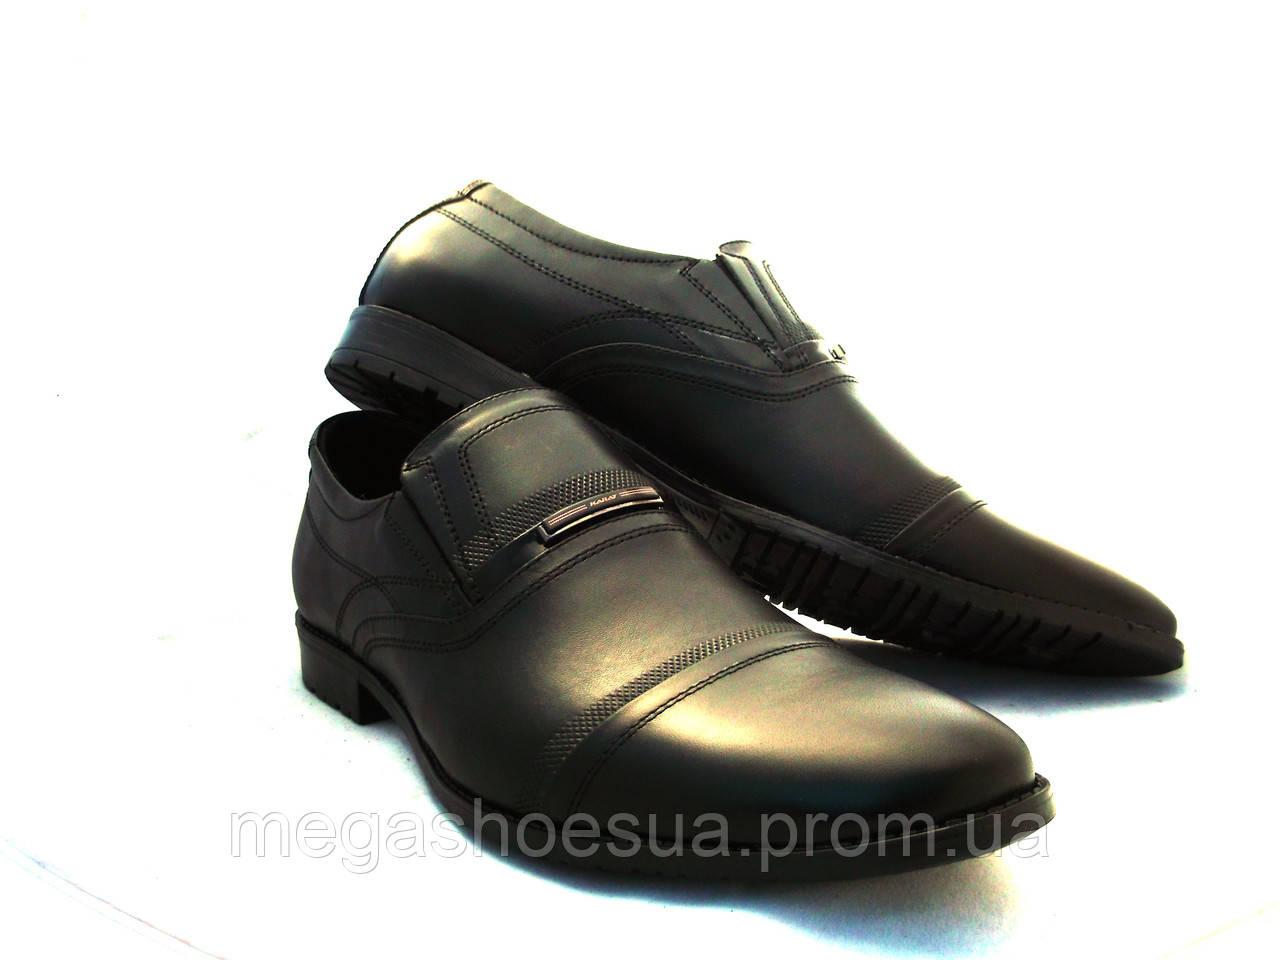 8c29e77e06e2 Туфли мужские Karat кожаные - Интернет-магазин украинской обуви MegaShoes в  Киеве